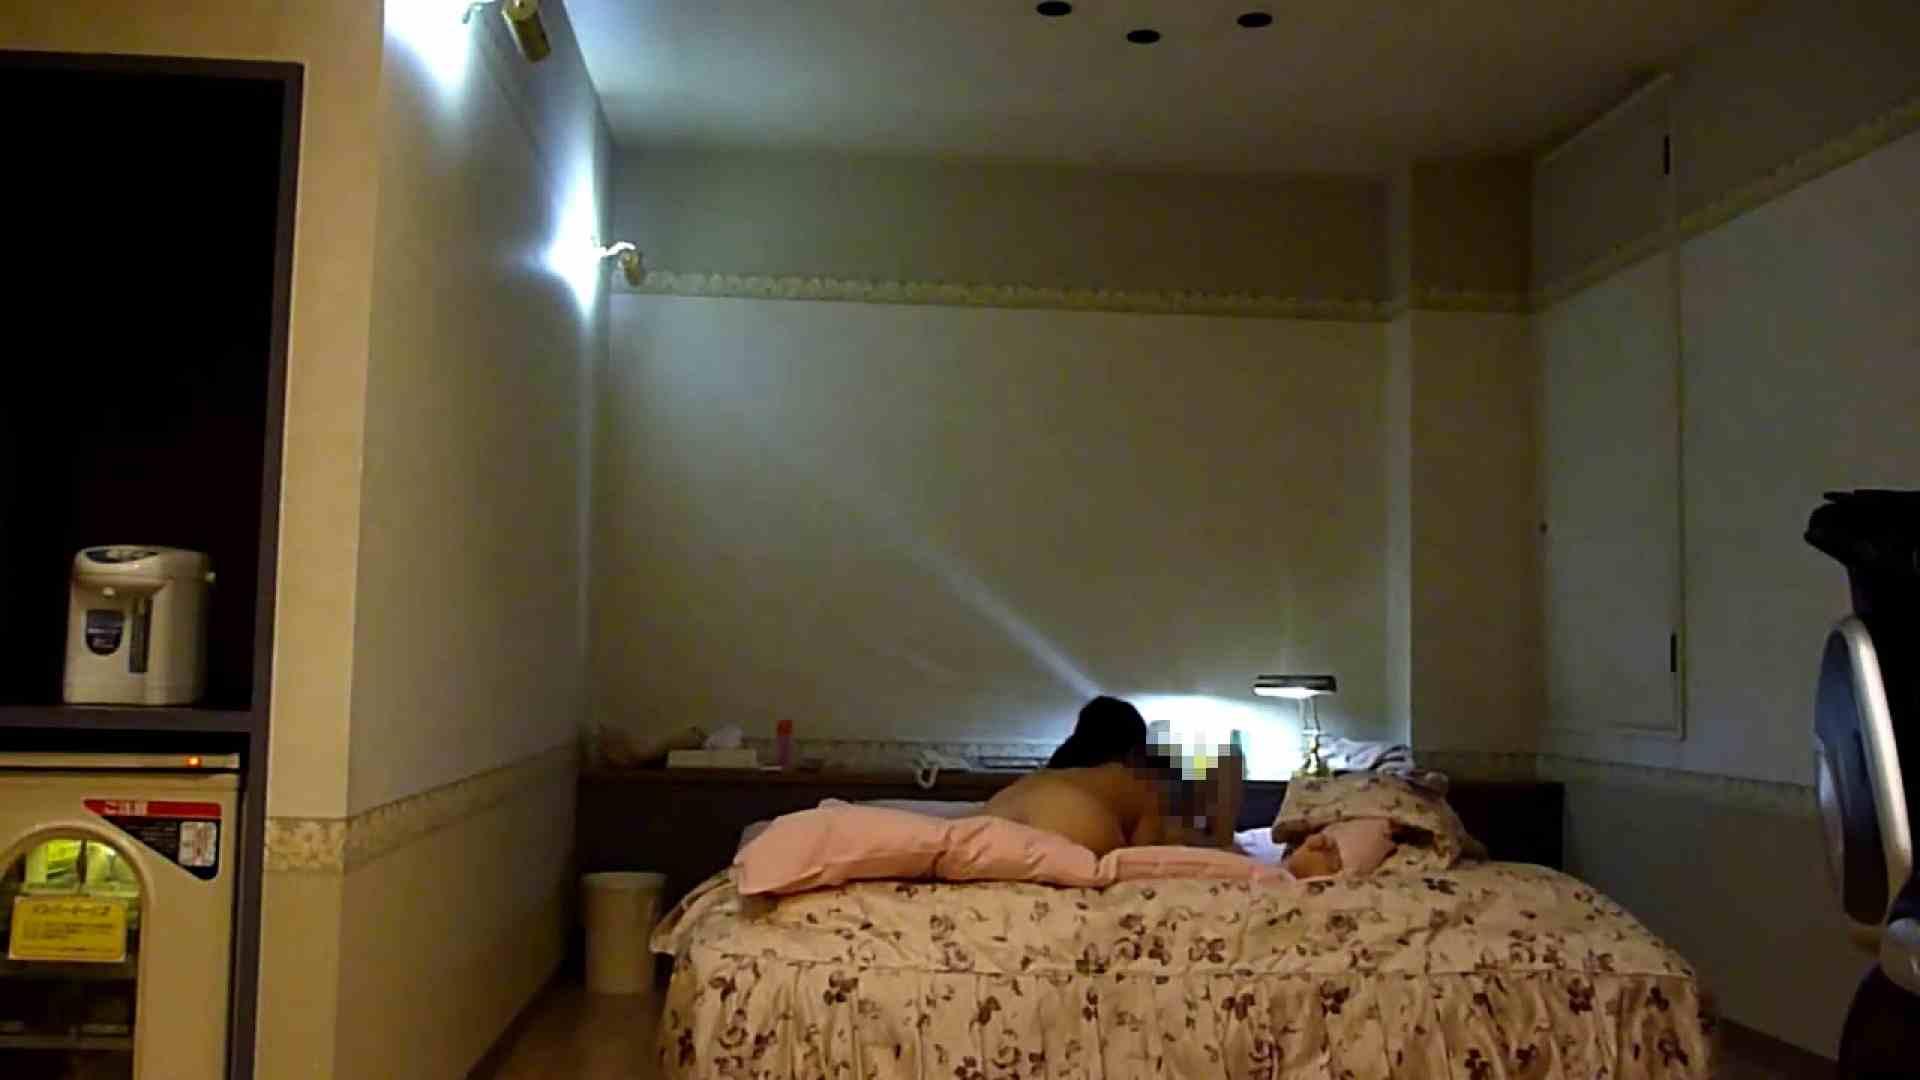 【完全素人投稿】誰にしようか!?やりチン健太の本日もデリ嬢いただきま~す!!12 投稿 セックス無修正動画無料 106pic 104